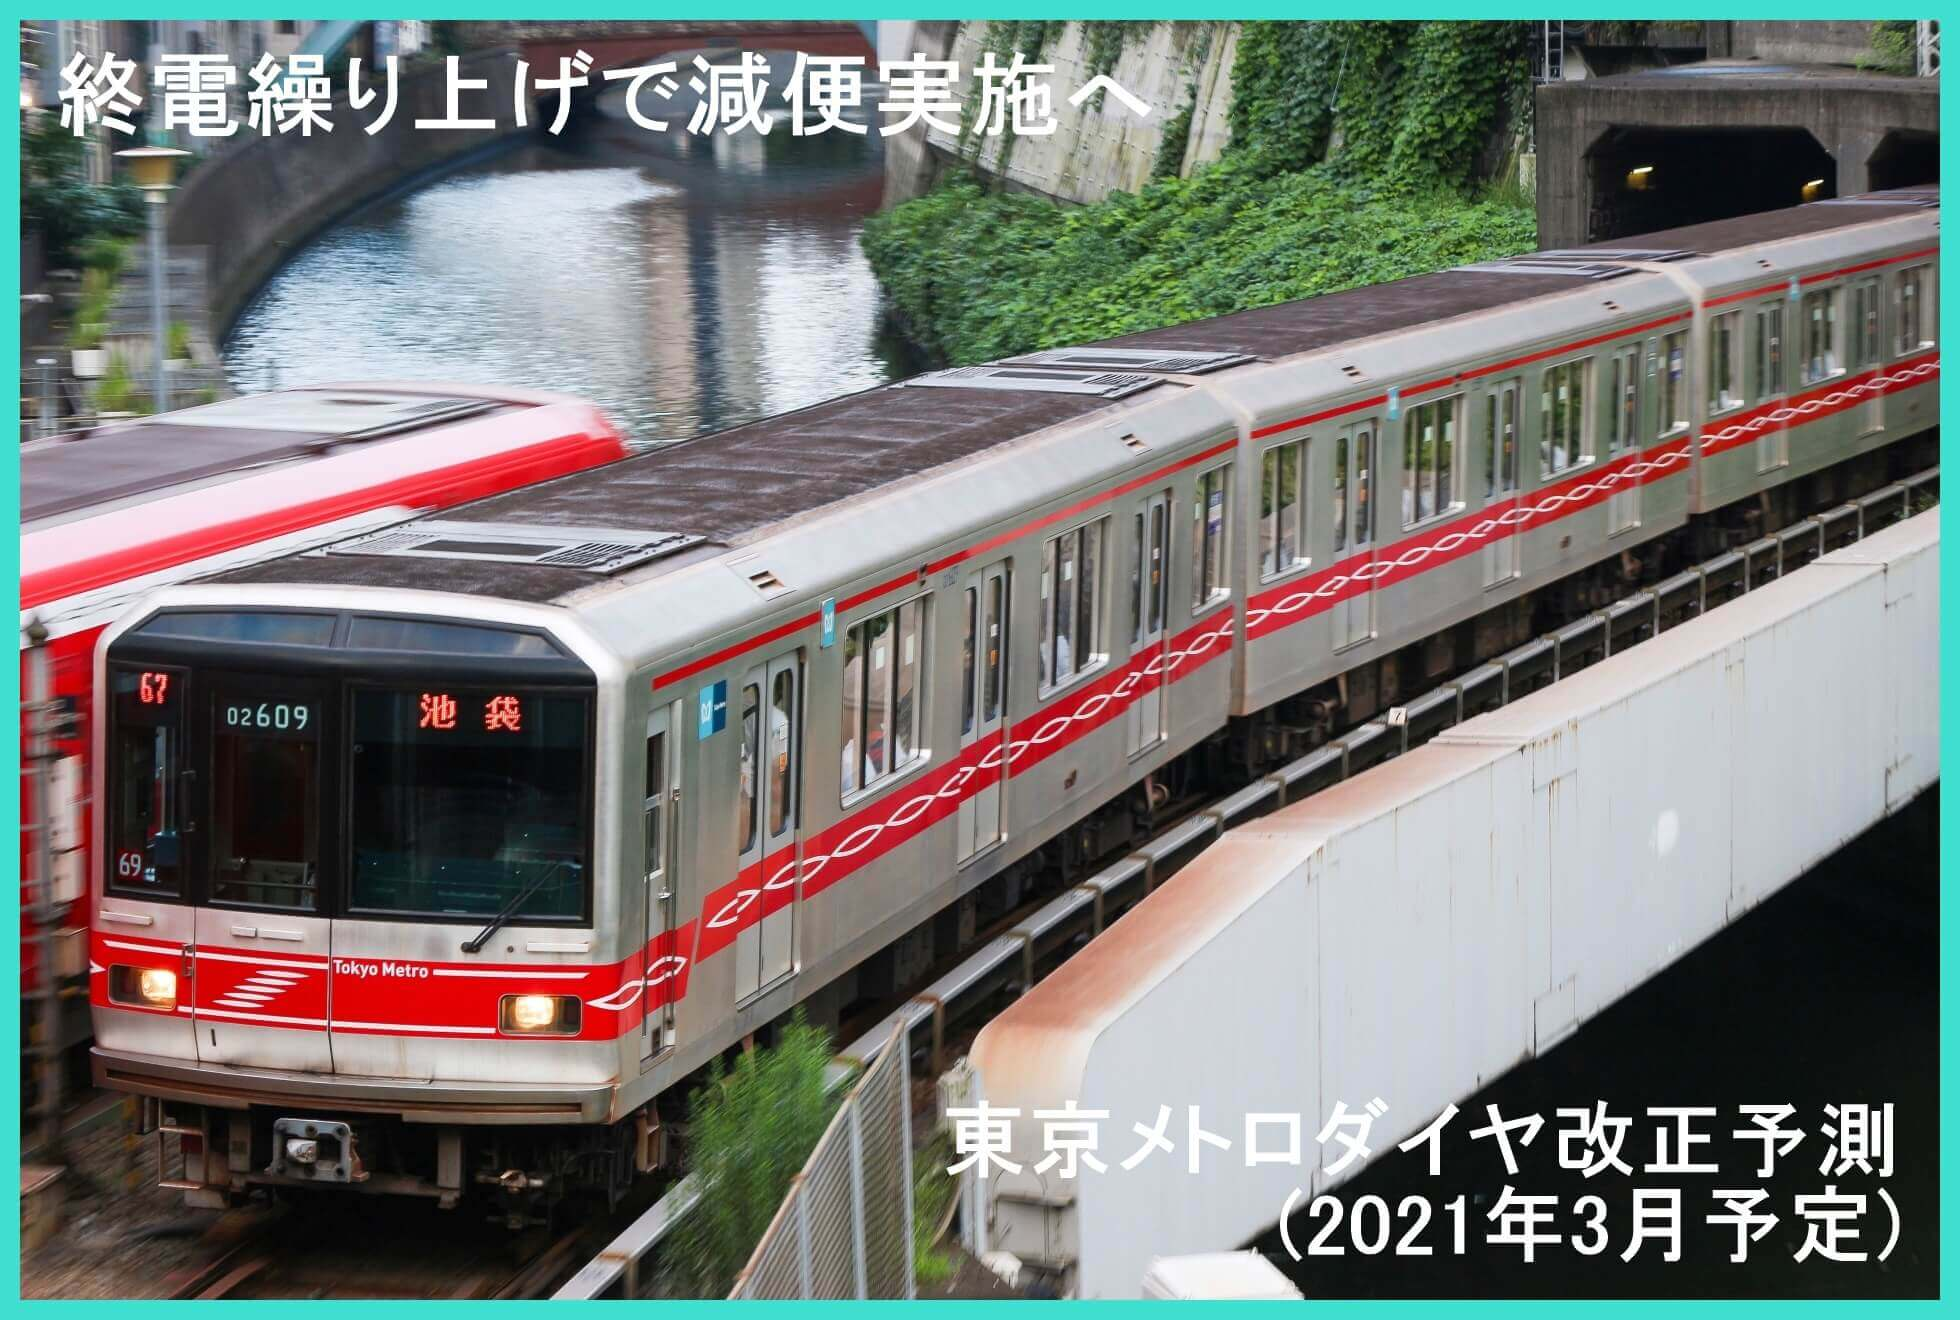 終電繰り上げで減便実施へ 東京メトロダイヤ改正予測(2021年3月予定)